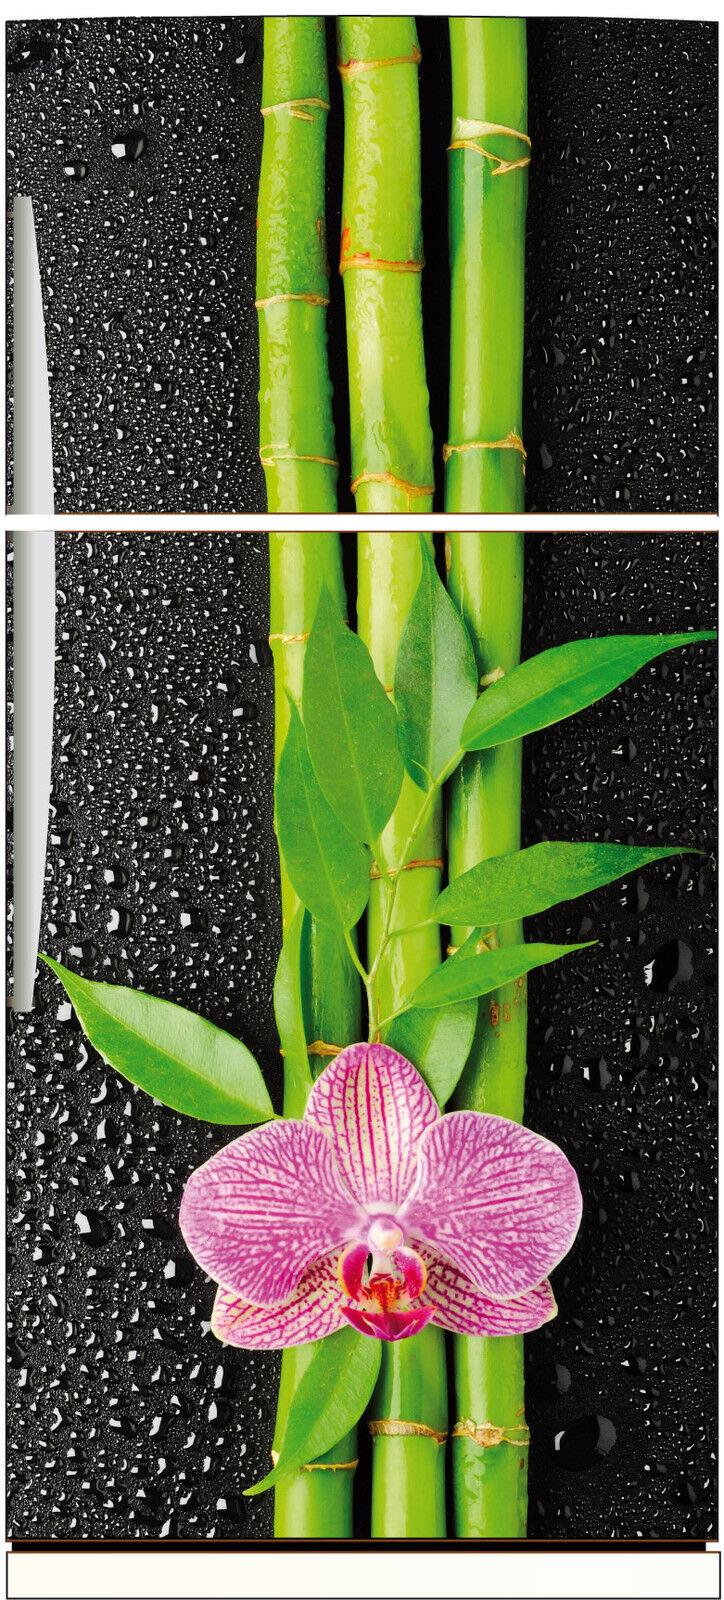 Adesivo Frigo Fiore Bambù 70x170cm Ref 508